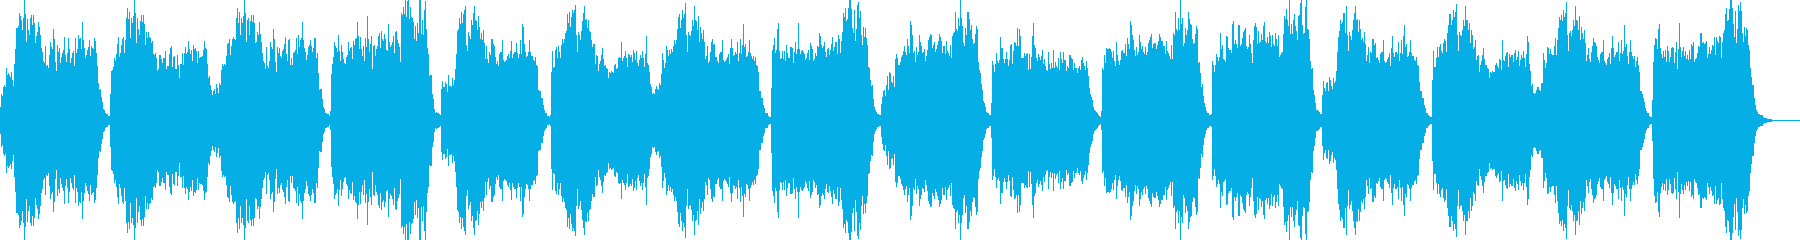 重々しく悲愴的な弦楽合奏の再生済みの波形